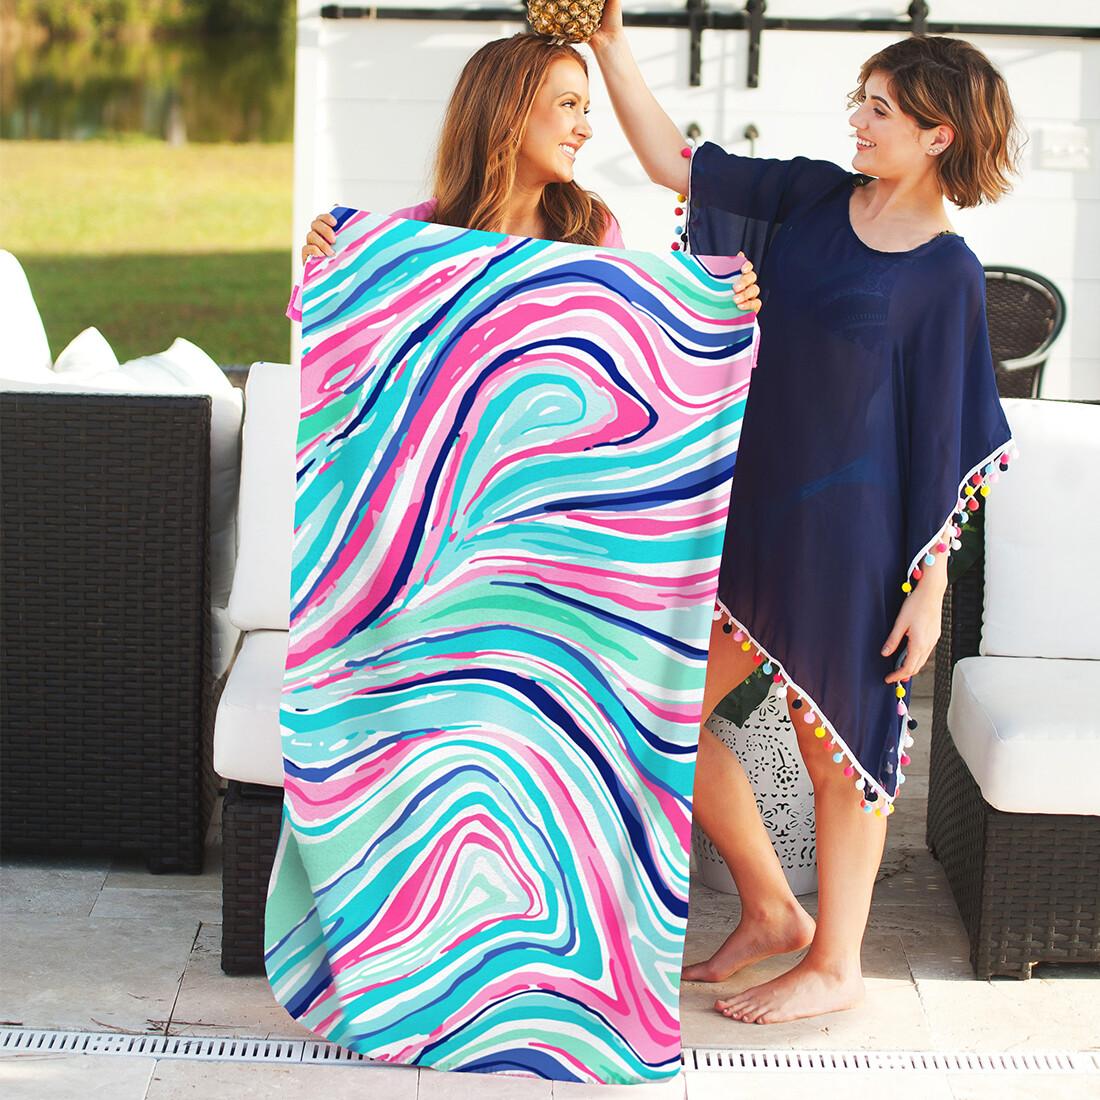 Marble-Ous Beach Towel